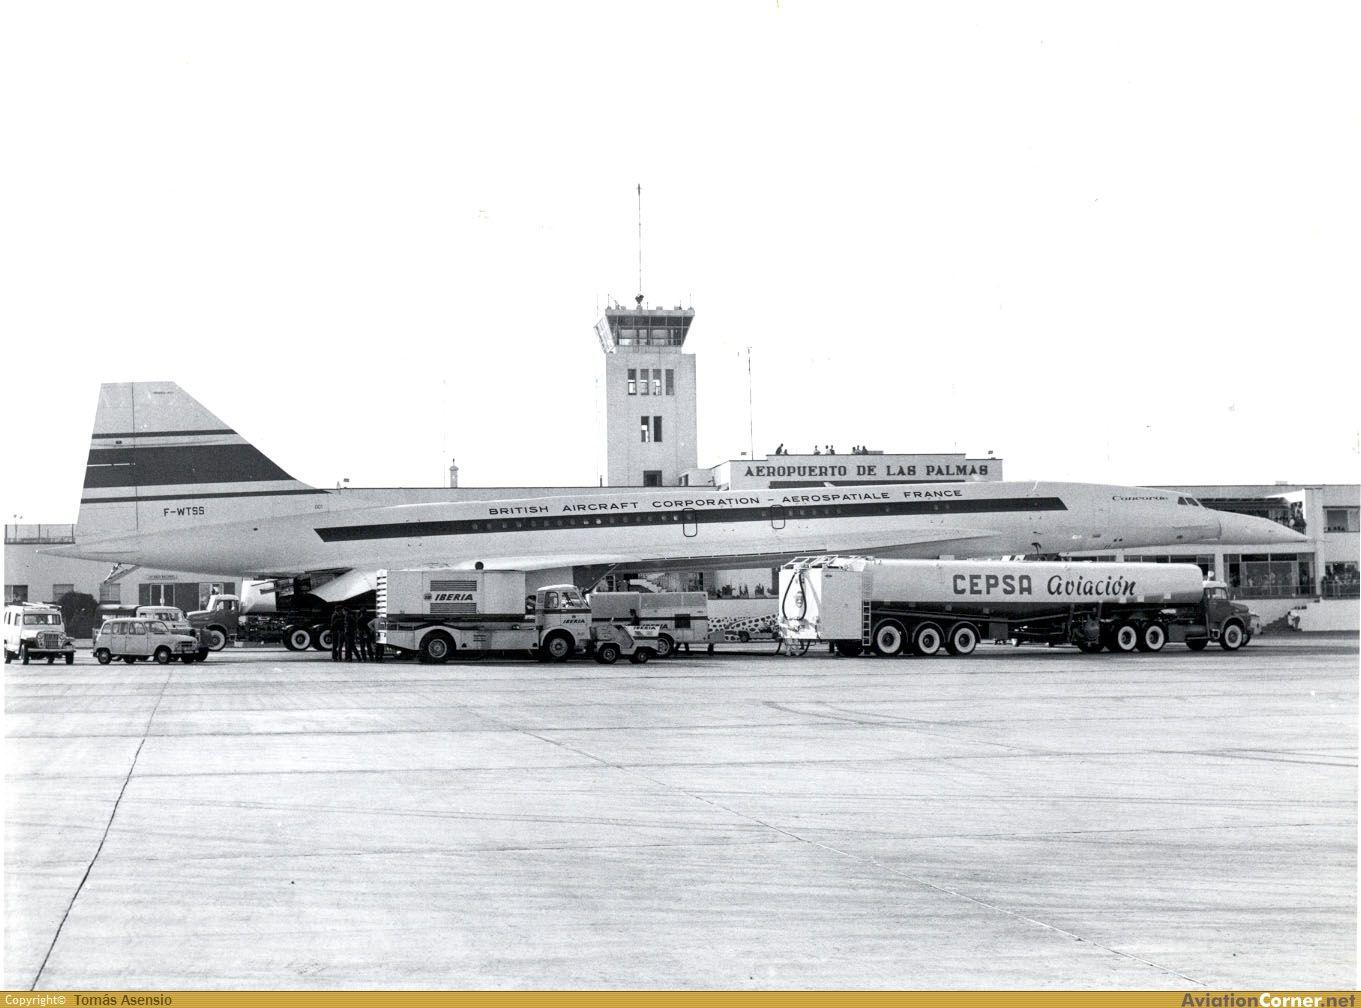 El Concorde A Su Paso Por El Aeropuerto De Gando Gran Canaria Principos De Los Años 70 Ferry Building San Francisco Concorde Aviation History